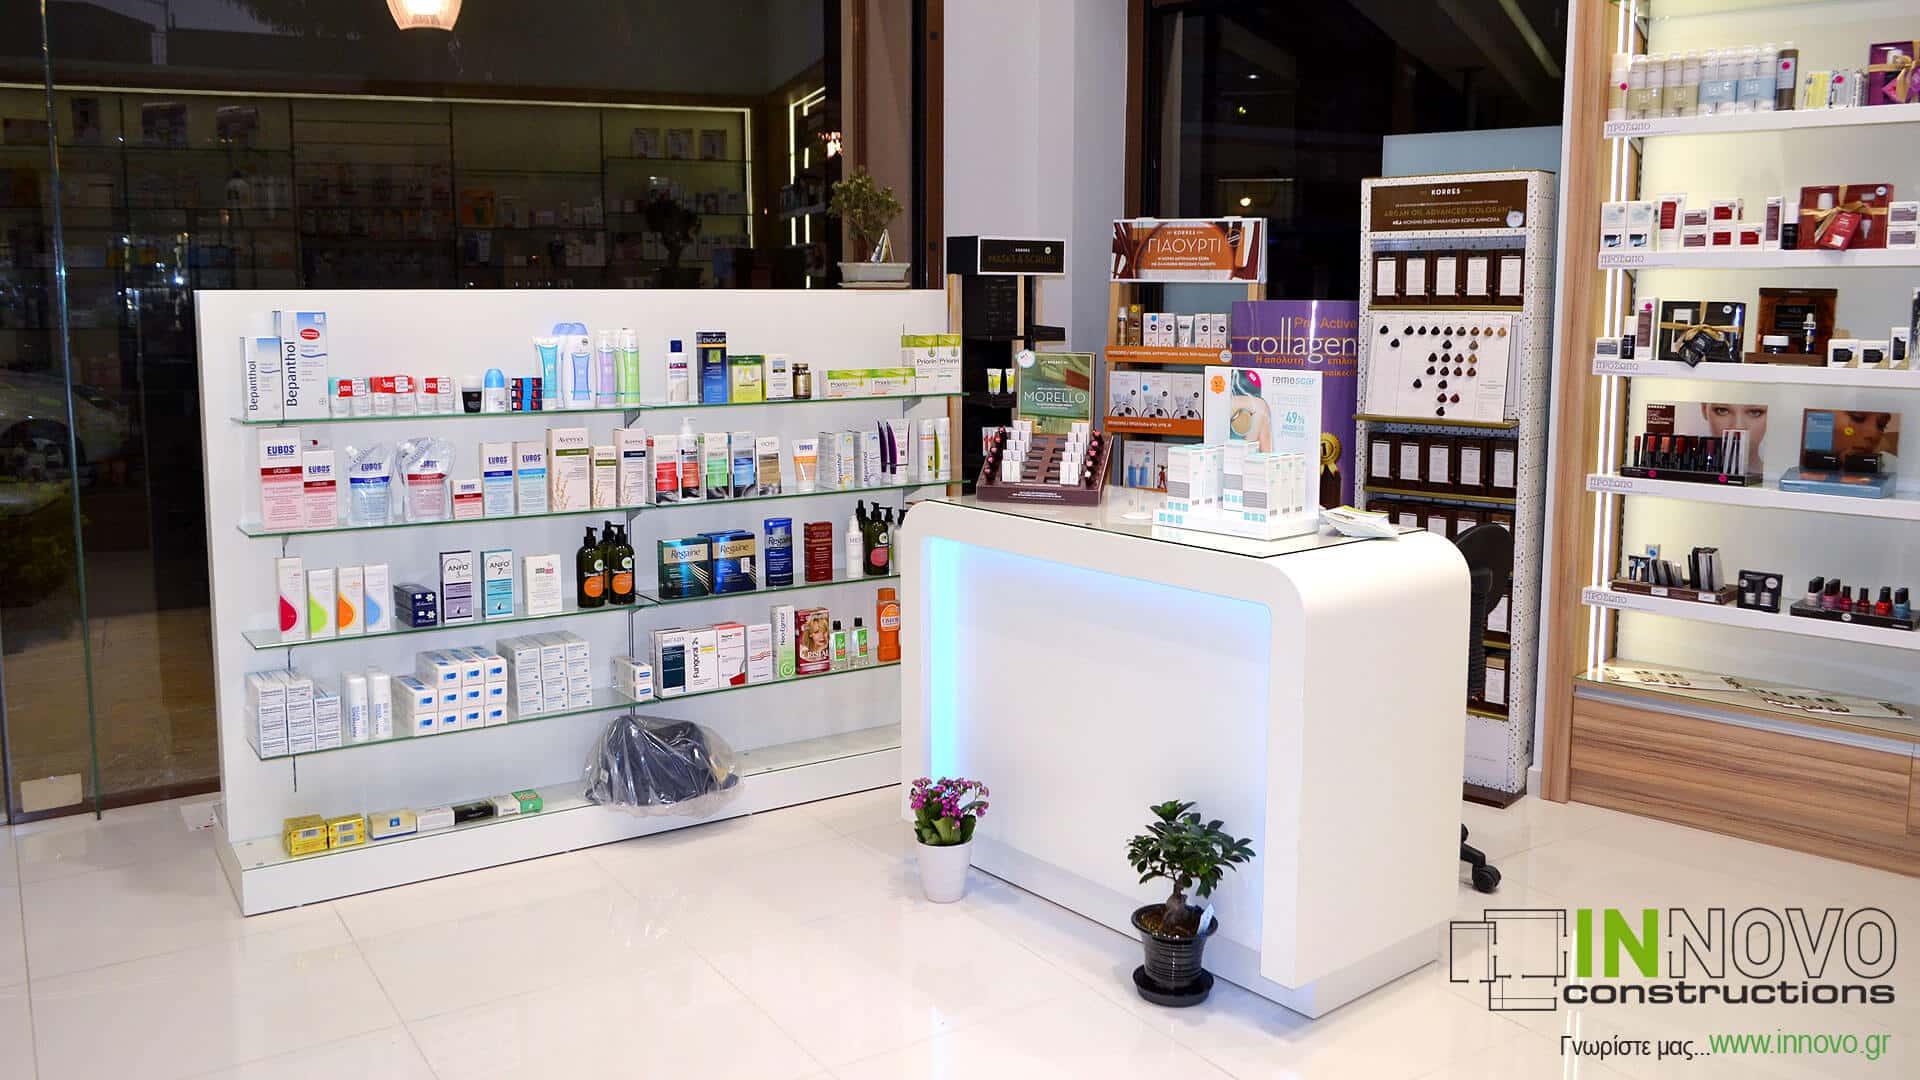 Πάγκος εργασίας C-Irofili A Φαρμακείο Ίλιον